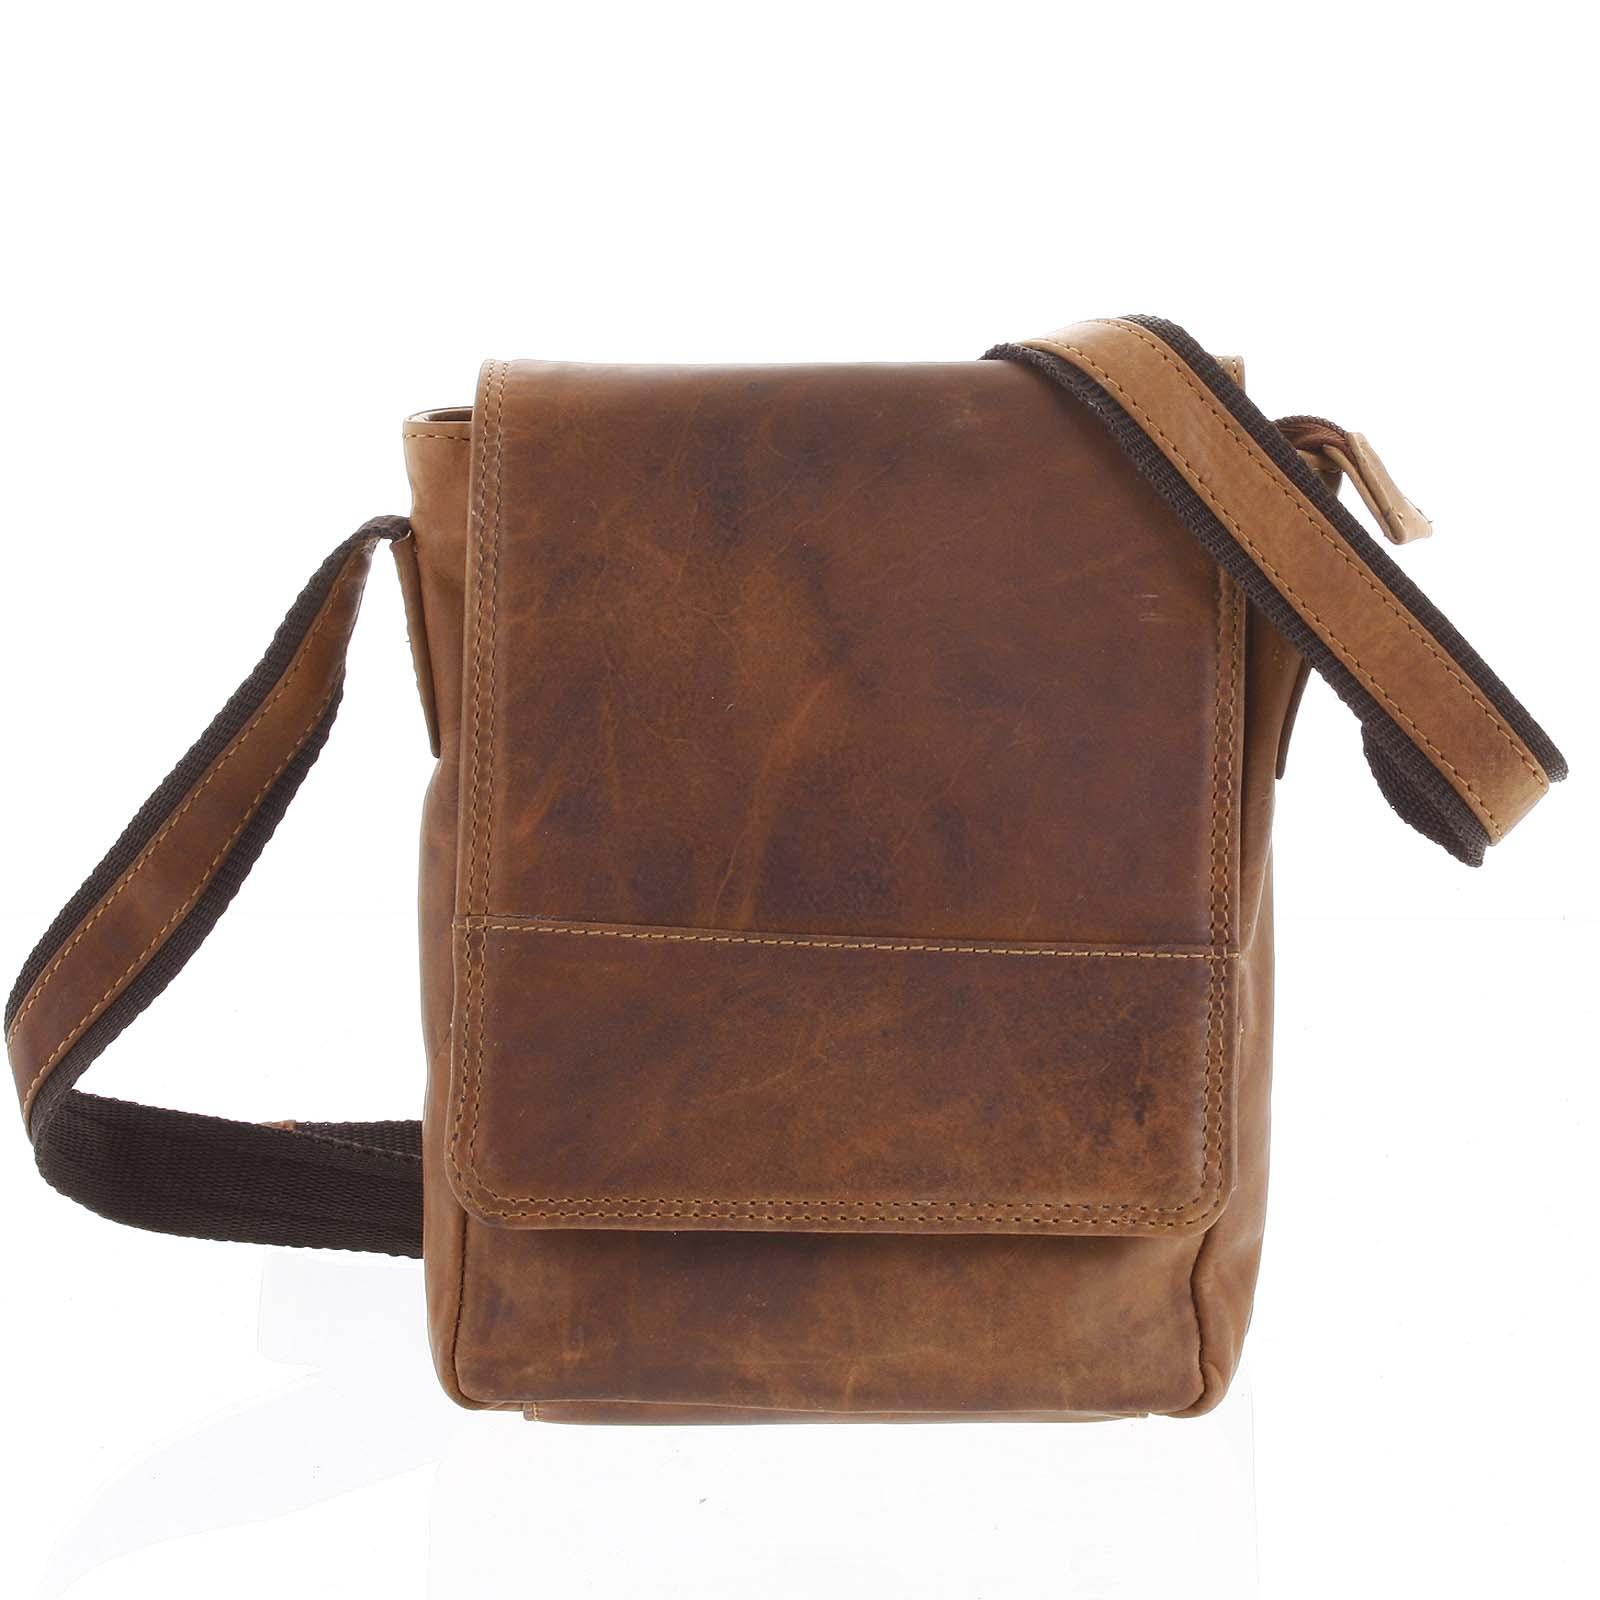 Kožená pánska crossbody taška na doklady svetlo hnedá 0213 hnedá